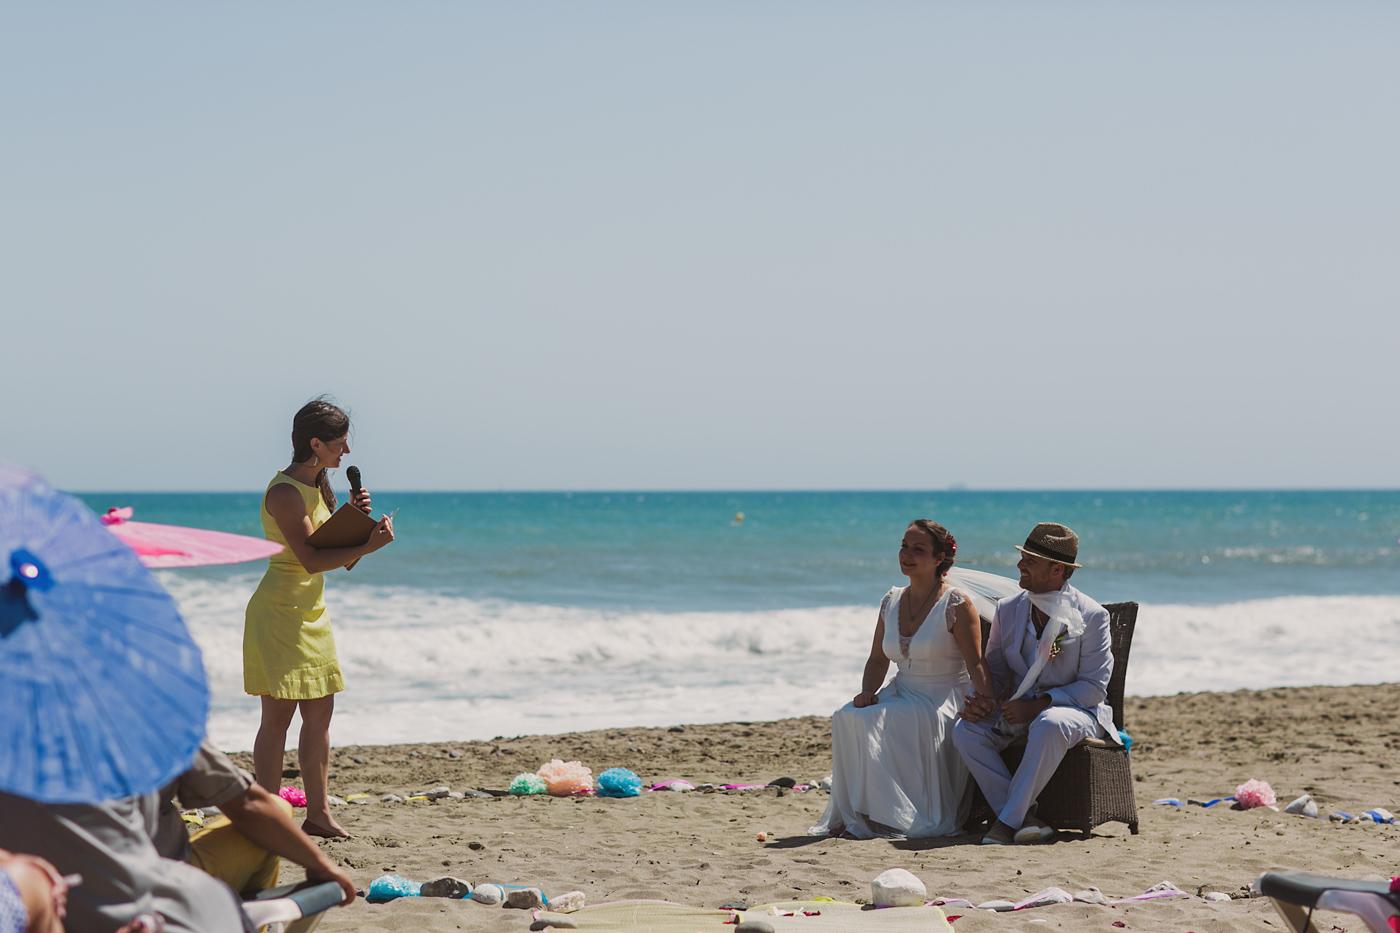 Freie Trauung von Strauß und Fliege international Heiraten am Strand